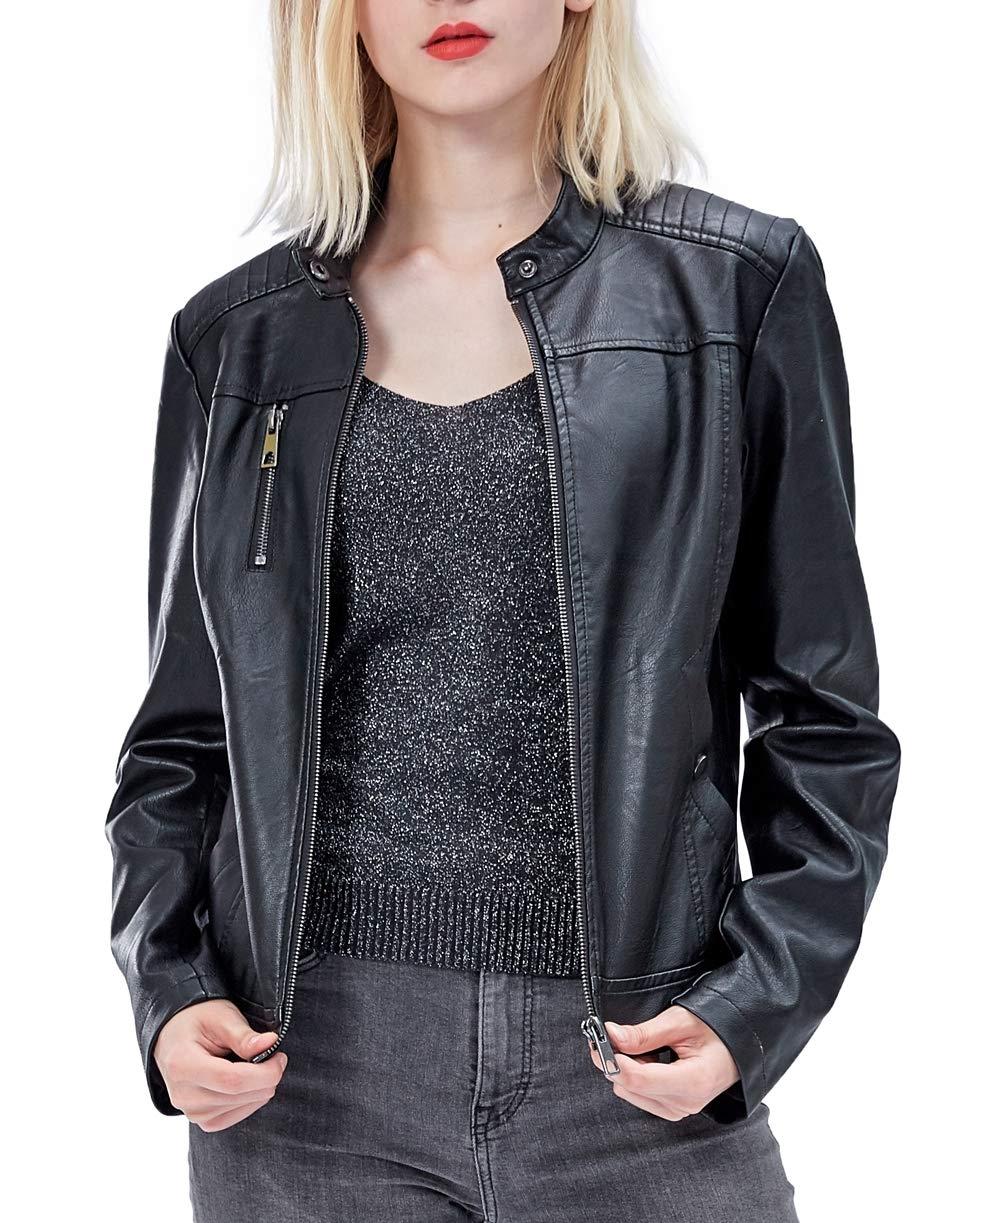 Fahsyee Women's Faux Leather Jackets, Zip Up Motorcycle Short PU Moto Biker Outwear Fitted Slim Coat Black Size L by Fahsyee